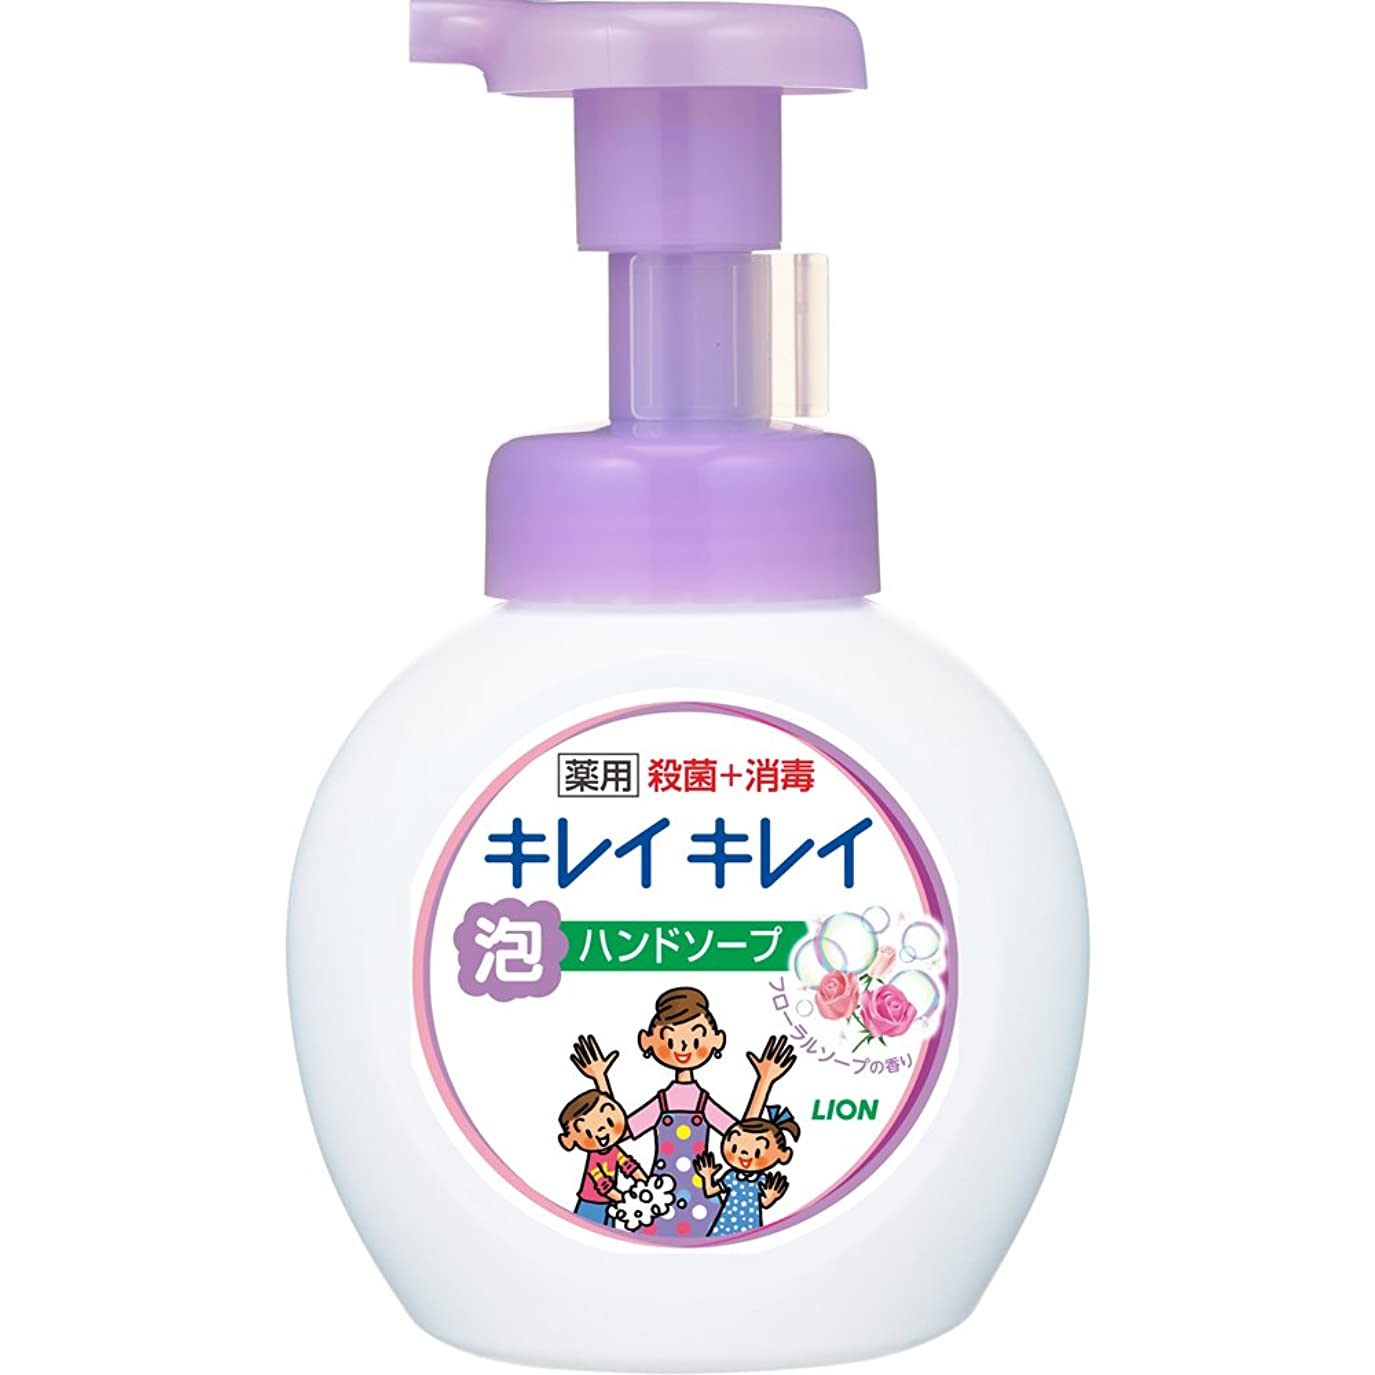 議論する変成器支出キレイキレイ 薬用 泡ハンドソープ フローラルソープの香り 本体ポンプ 250ml(医薬部外品)